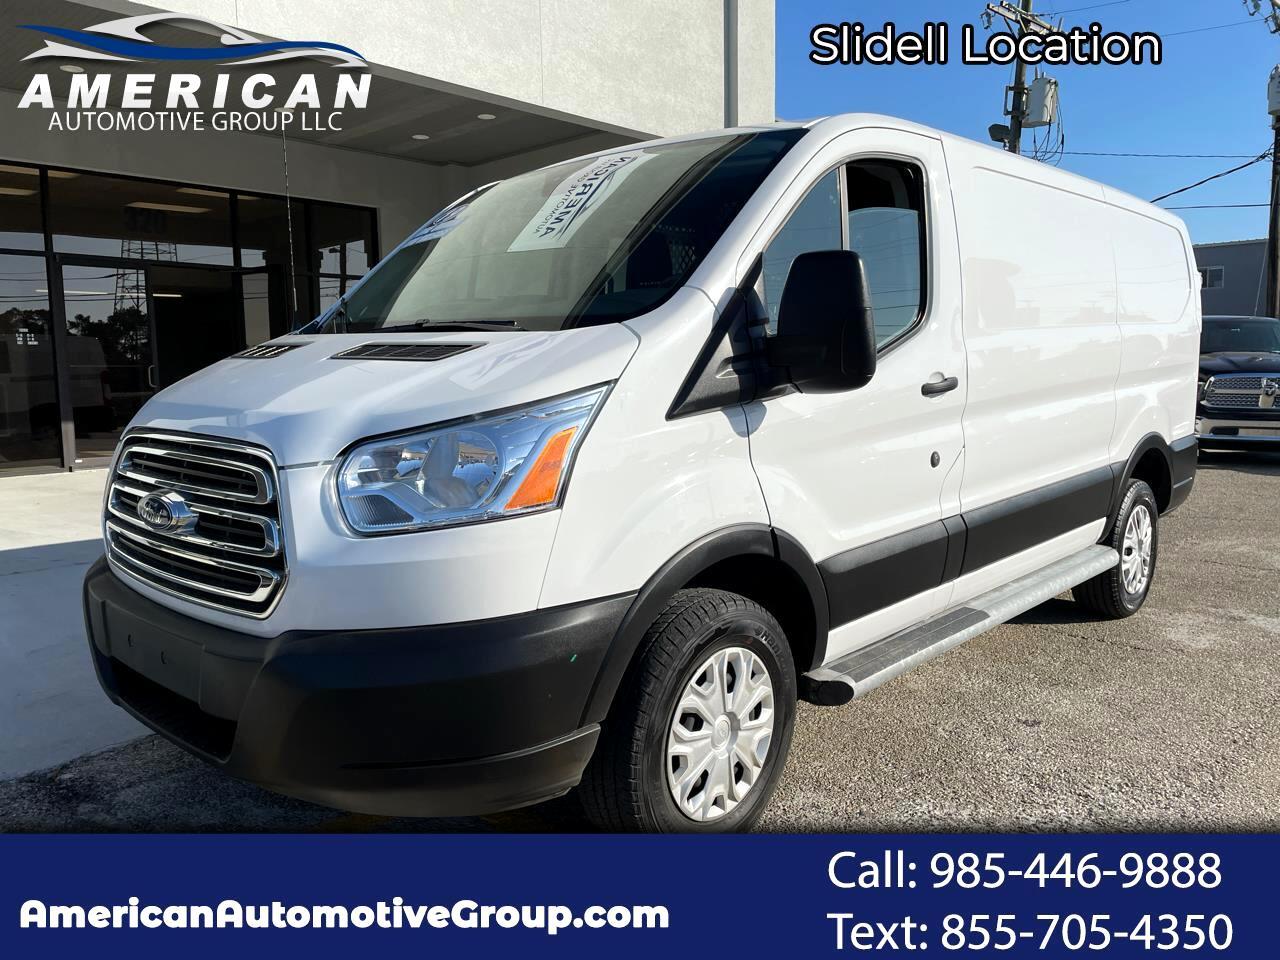 Ford T250 Vans Cargo LR RH Slide 130 2019